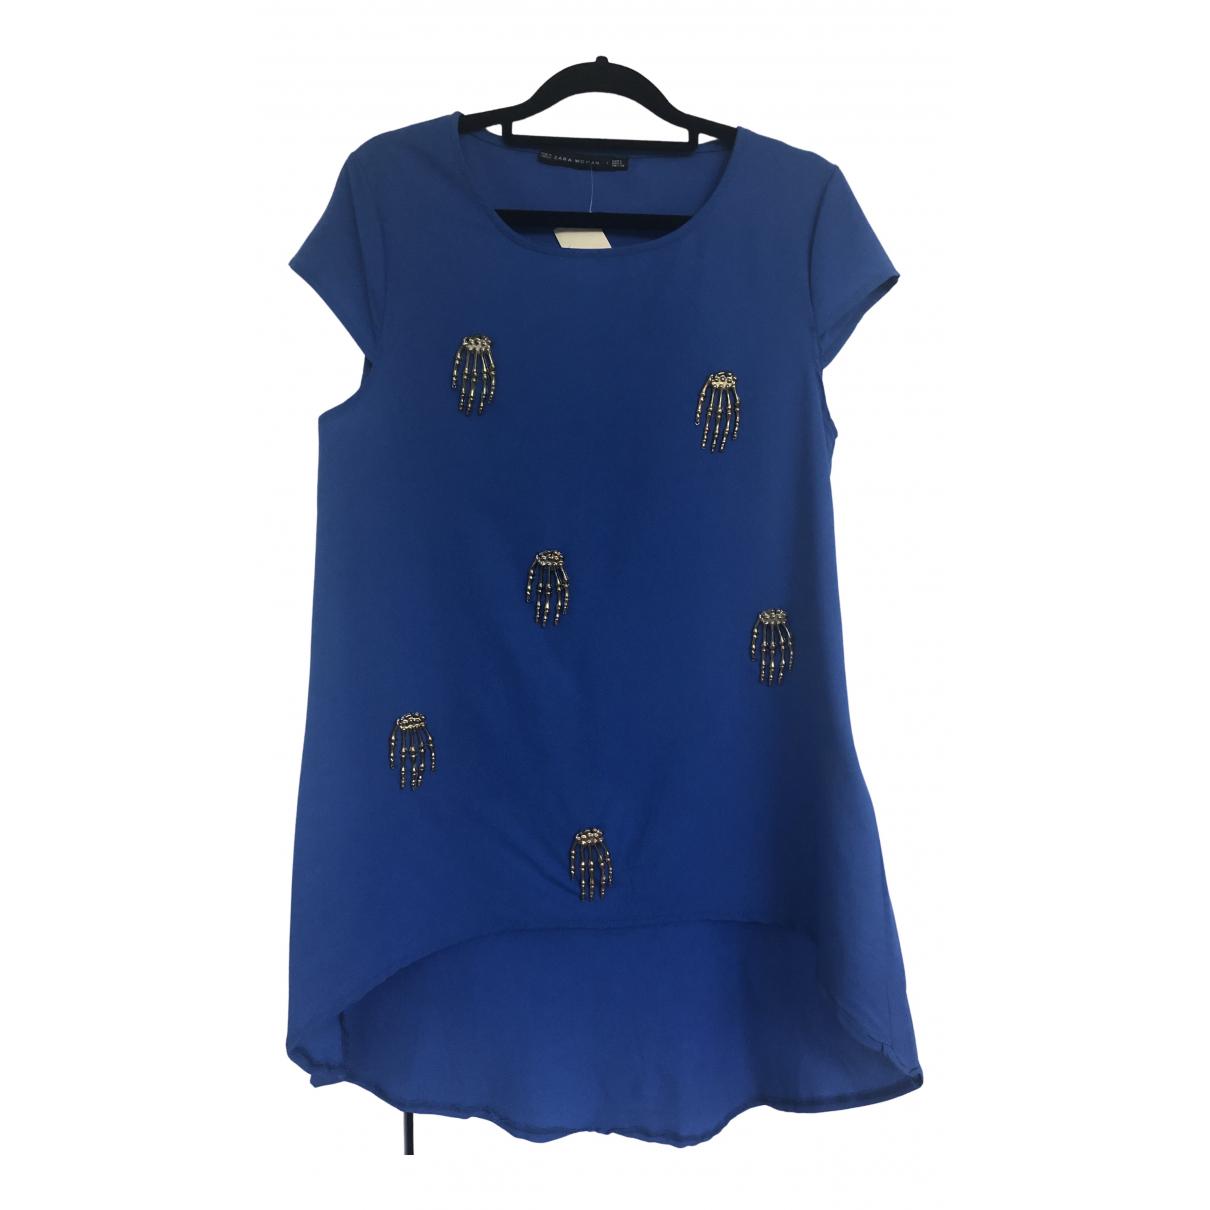 Zara - Top   pour femme - bleu